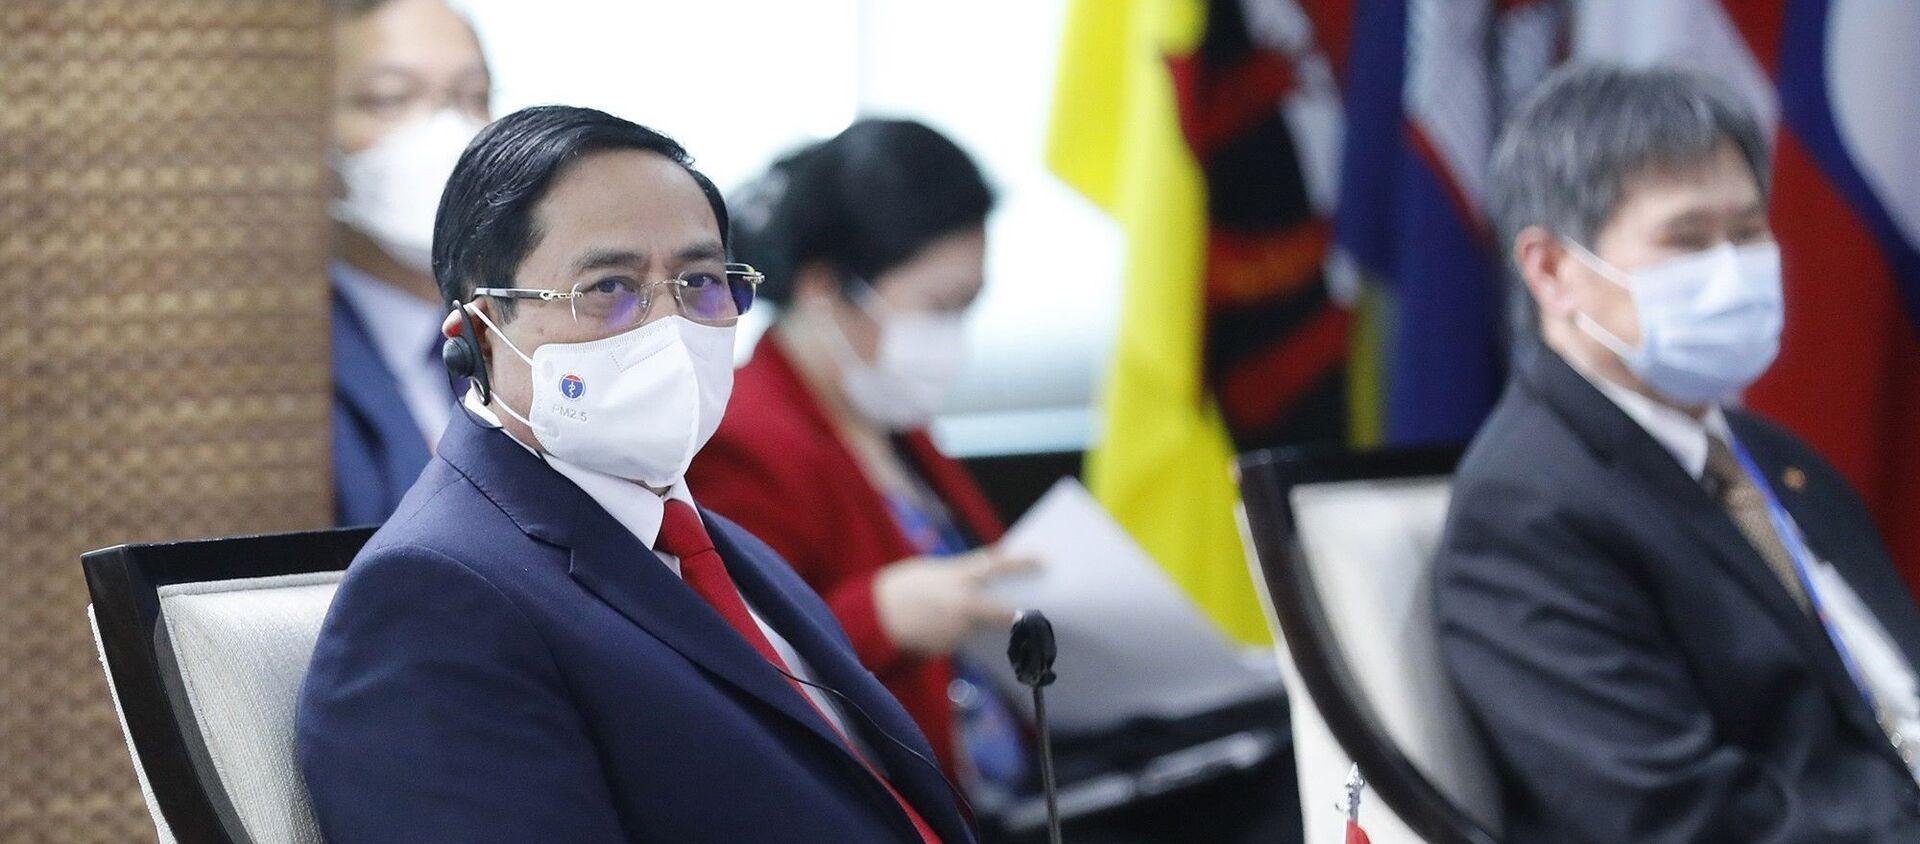 Thủ tướng Phạm Minh Chính dự Hội nghị các Nhà lãnh đạo ASEAN. - Sputnik Việt Nam, 1920, 28.04.2021